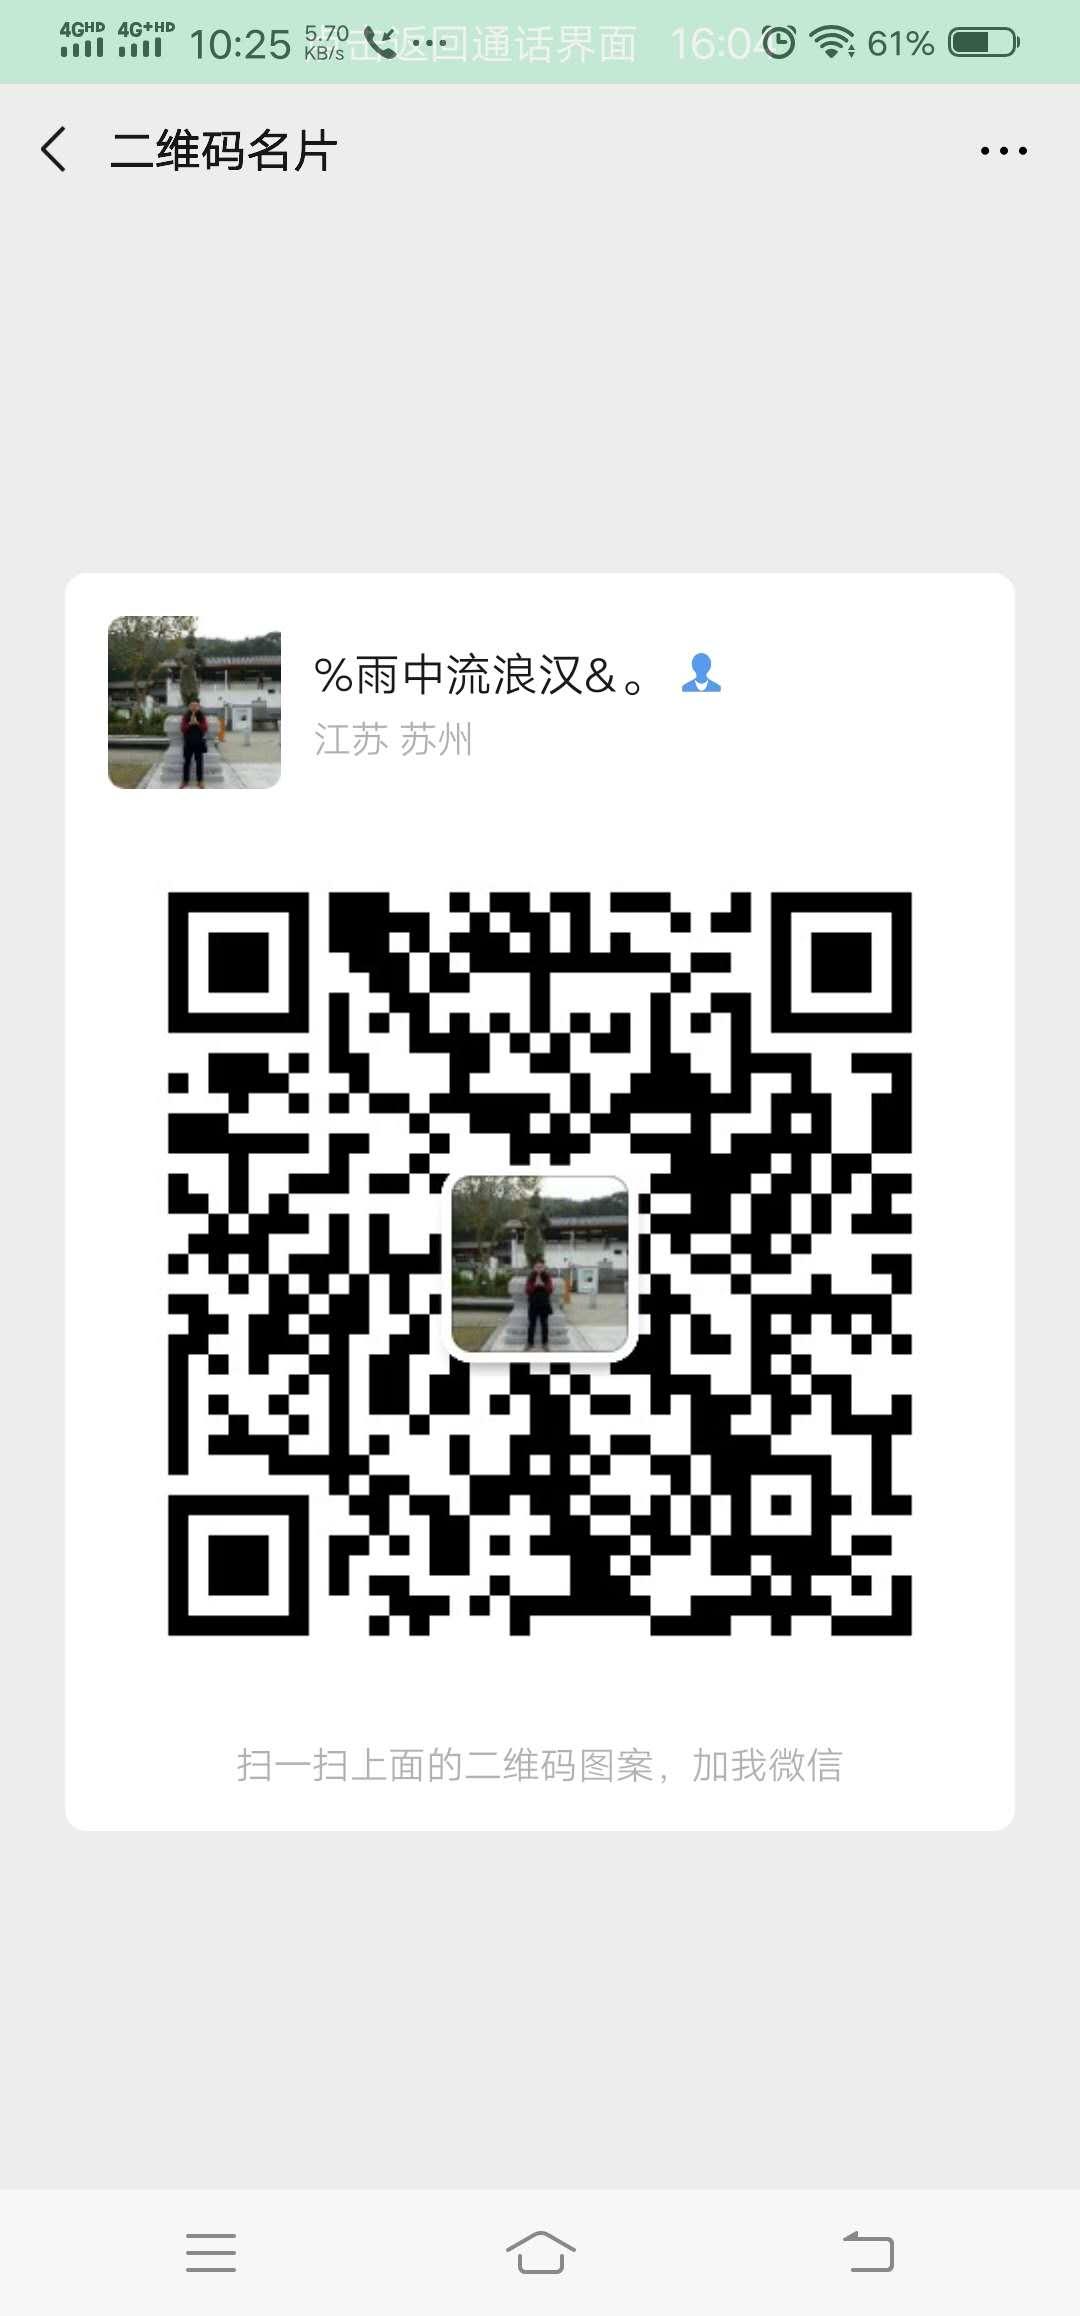 昆山翰集建筑装饰工程有限公司